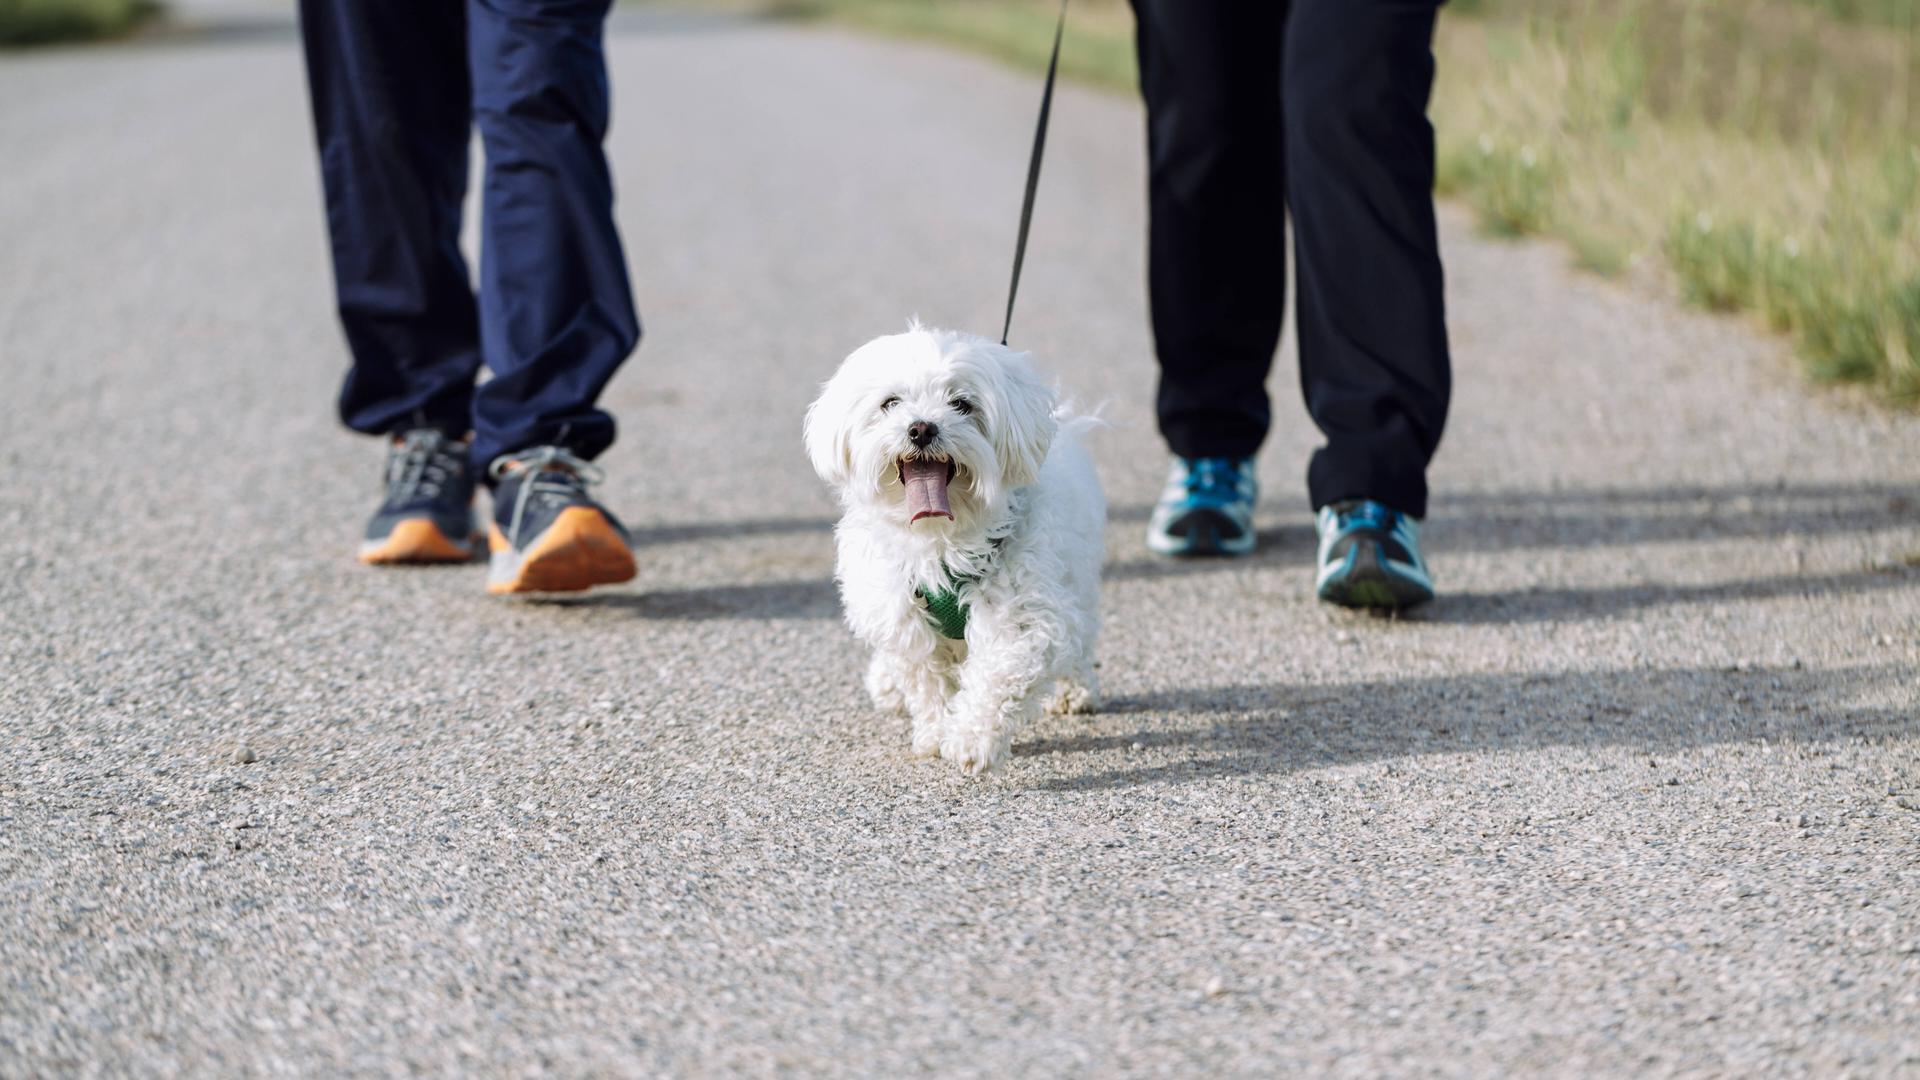 Helle Aufregung: Landwirtschaftsministerin Julia Klöckner möchte eine strengere Hundeverordnung umsetzen. Es geht um Transporte der Tiere und vorgeschriebenen Auslauf.